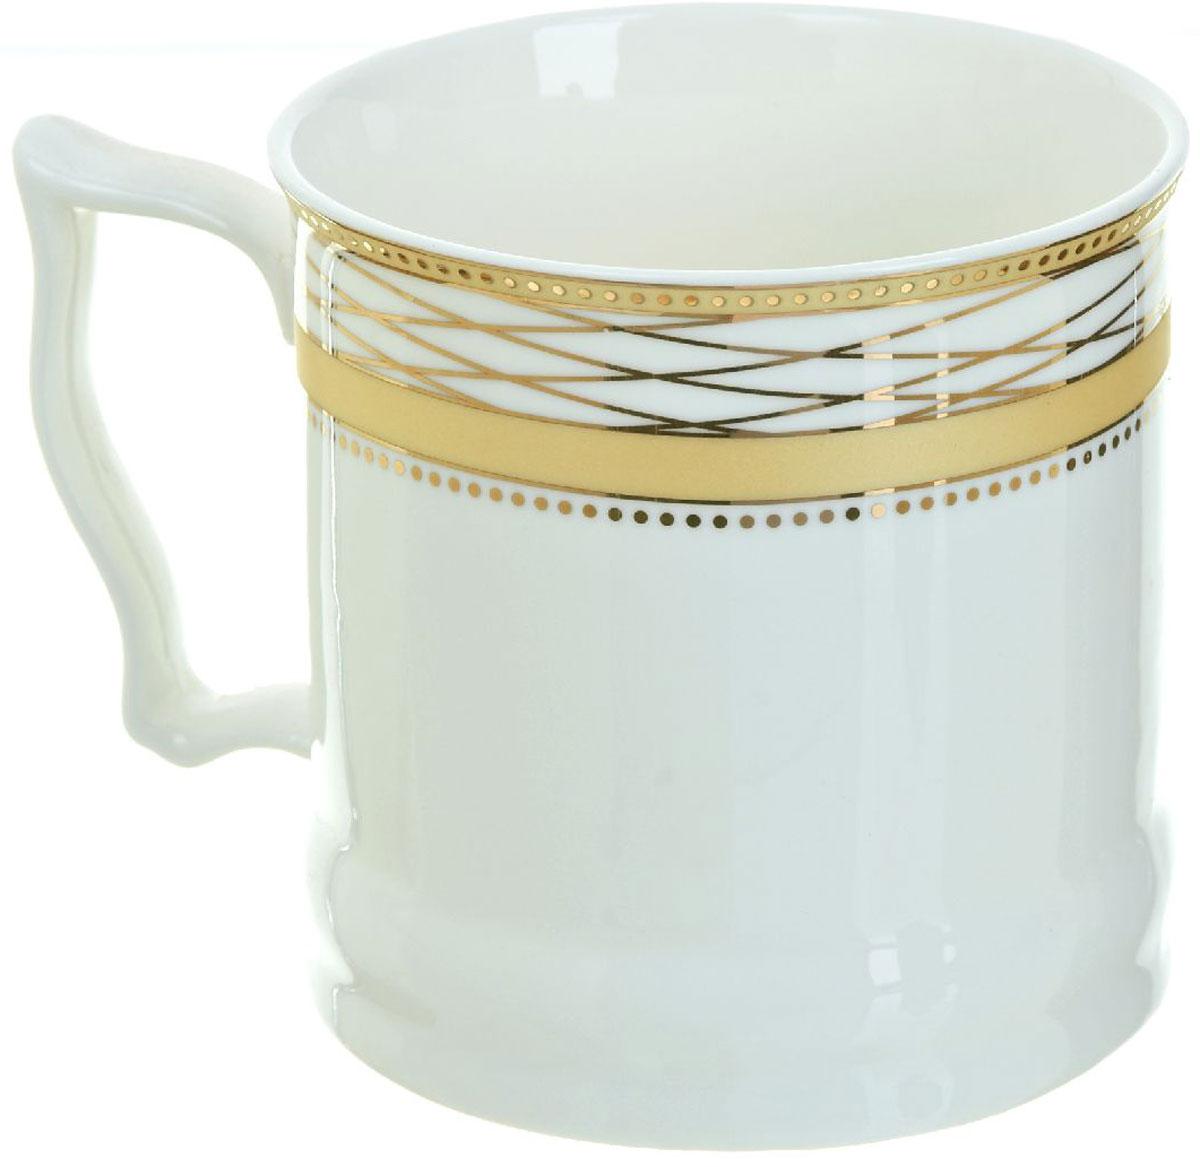 Кружка BHP Королевская кружка, 500 мл. 18700081870008Оригинальная кружка Best Home Porcelain, выполненная из высококачественного фарфора, сочетает в себе простой, утонченный дизайн с максимальной функциональностью. Можно использовать в посудомоечной машине.